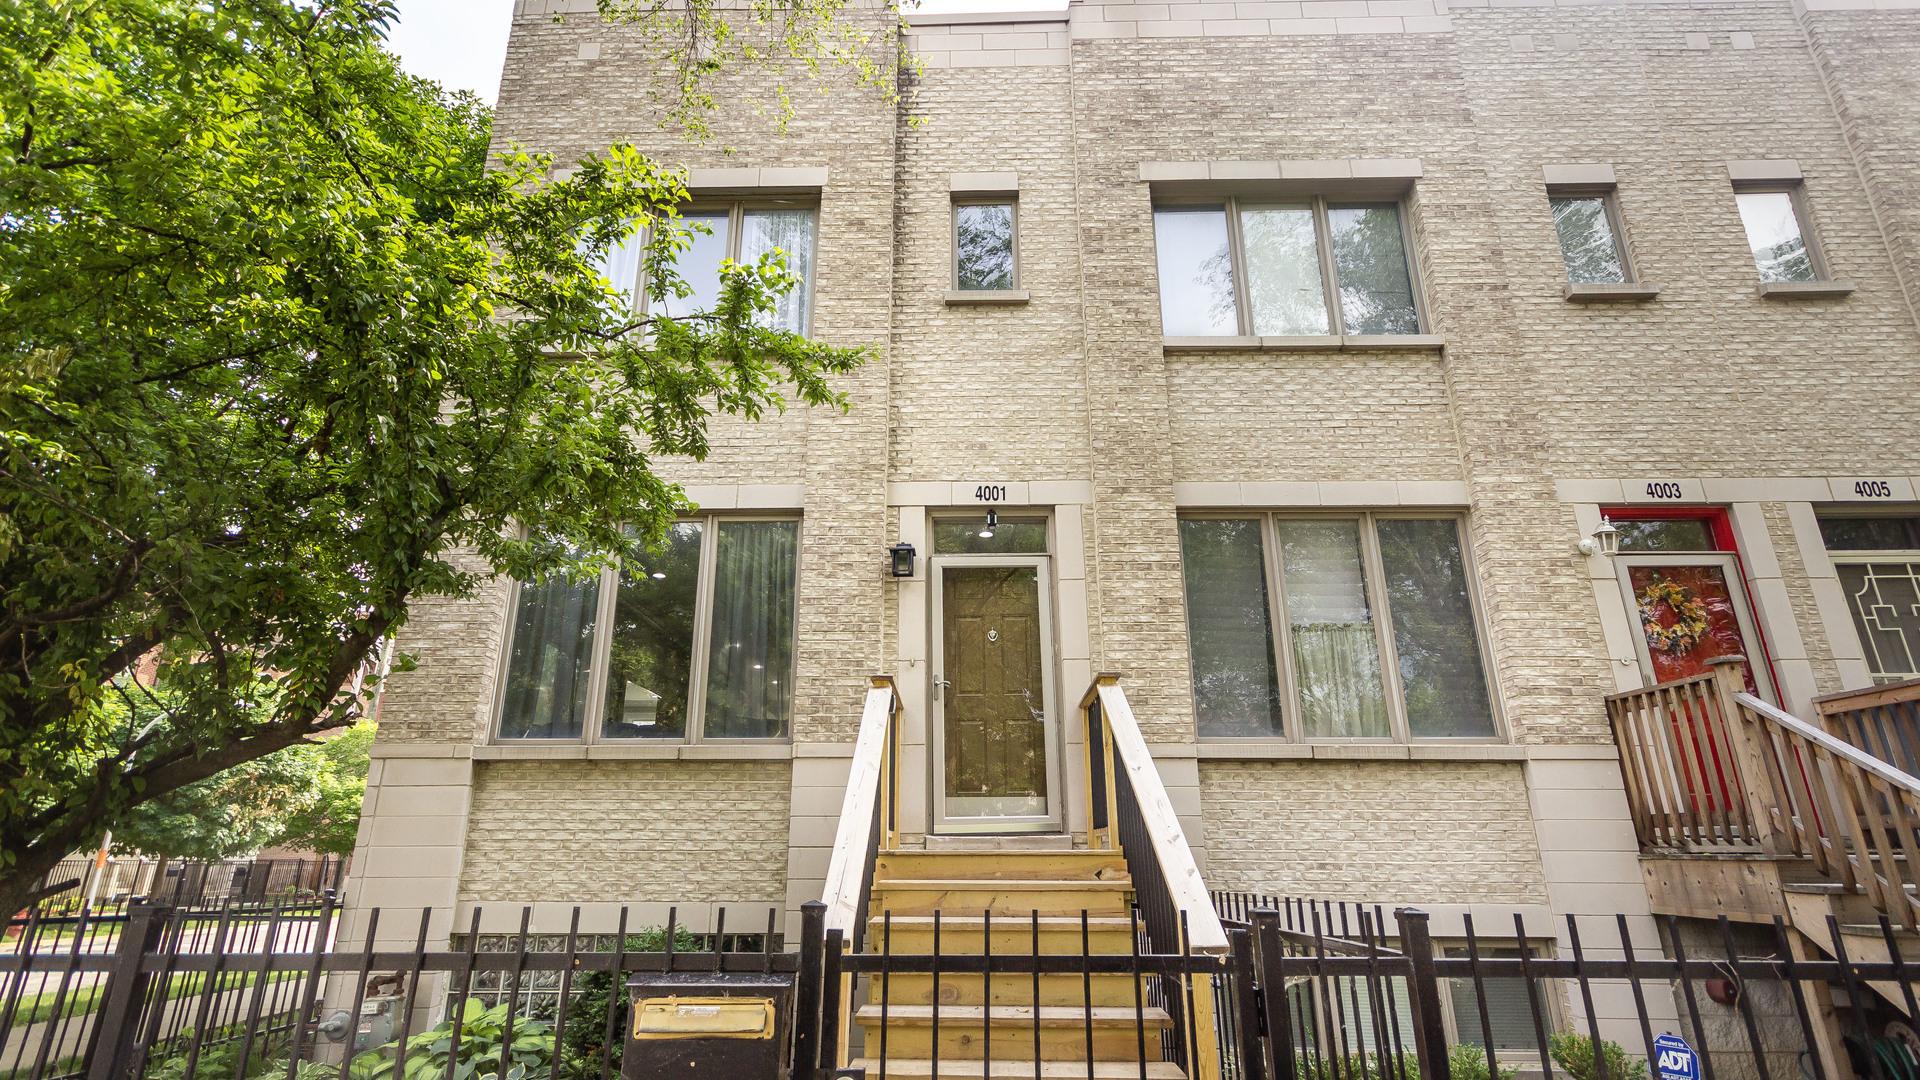 4001 S Drexel Exterior Photo